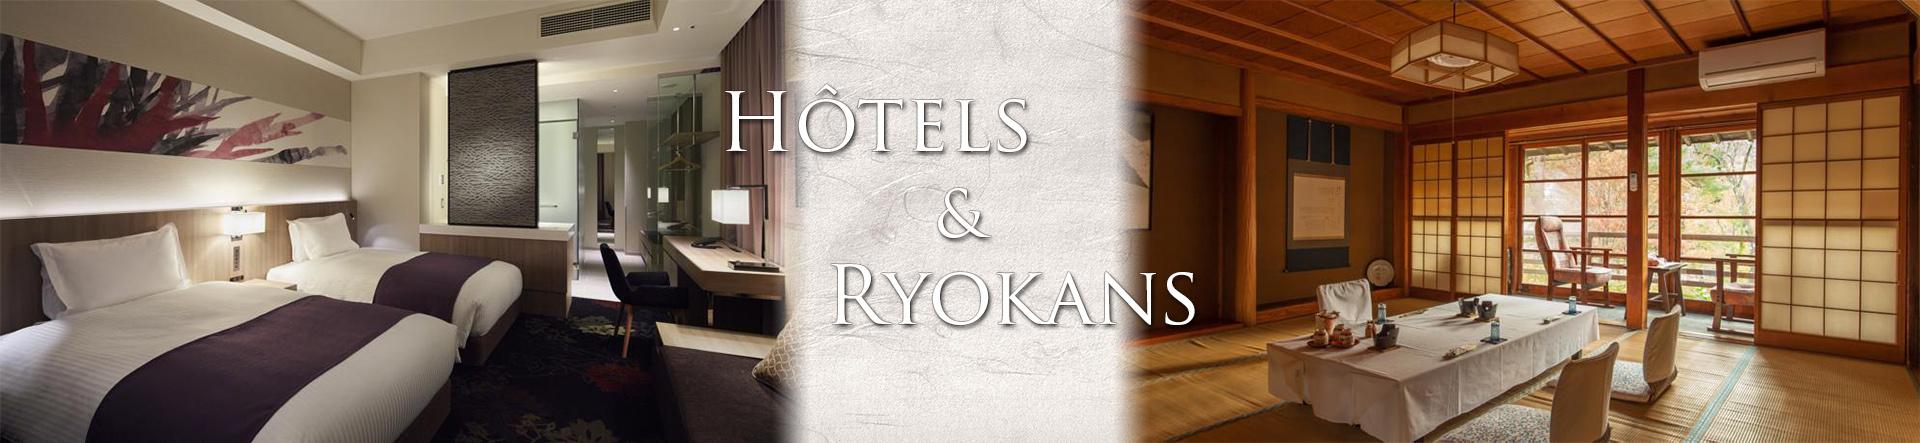 hôtels et ryokans